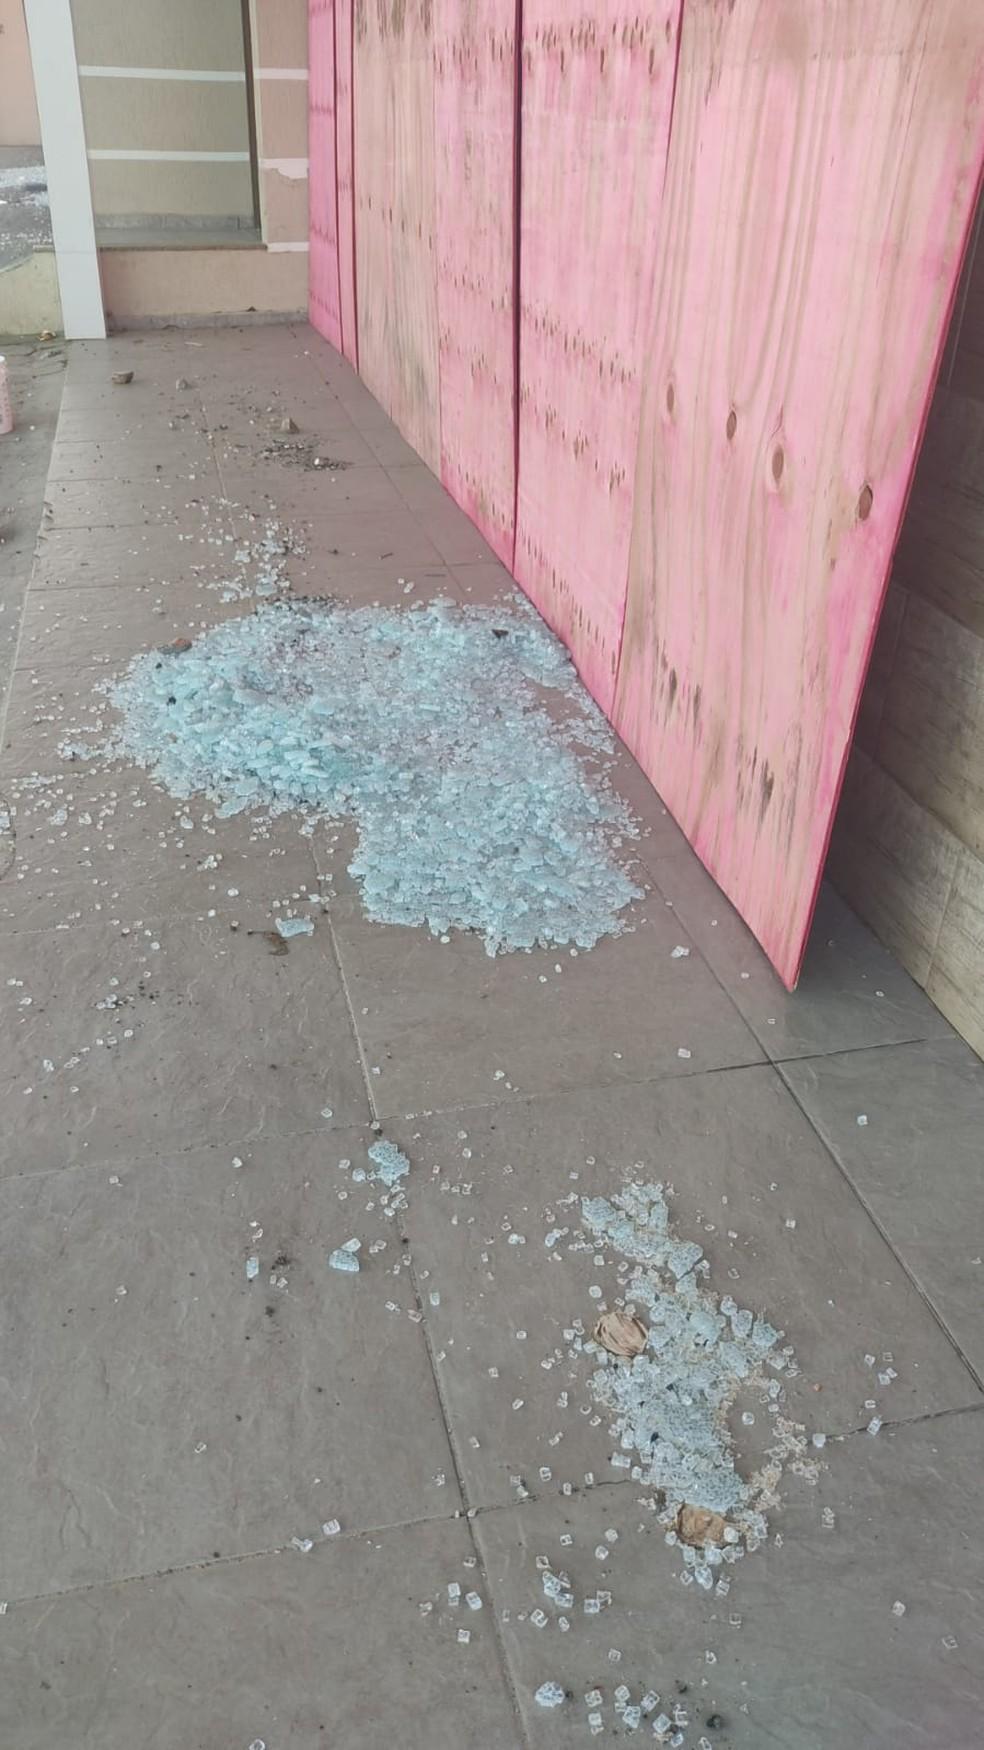 Cacos de vidro e tapume em mercado depredado em Palhoça — Foto: Polícia Militar/Divulgação